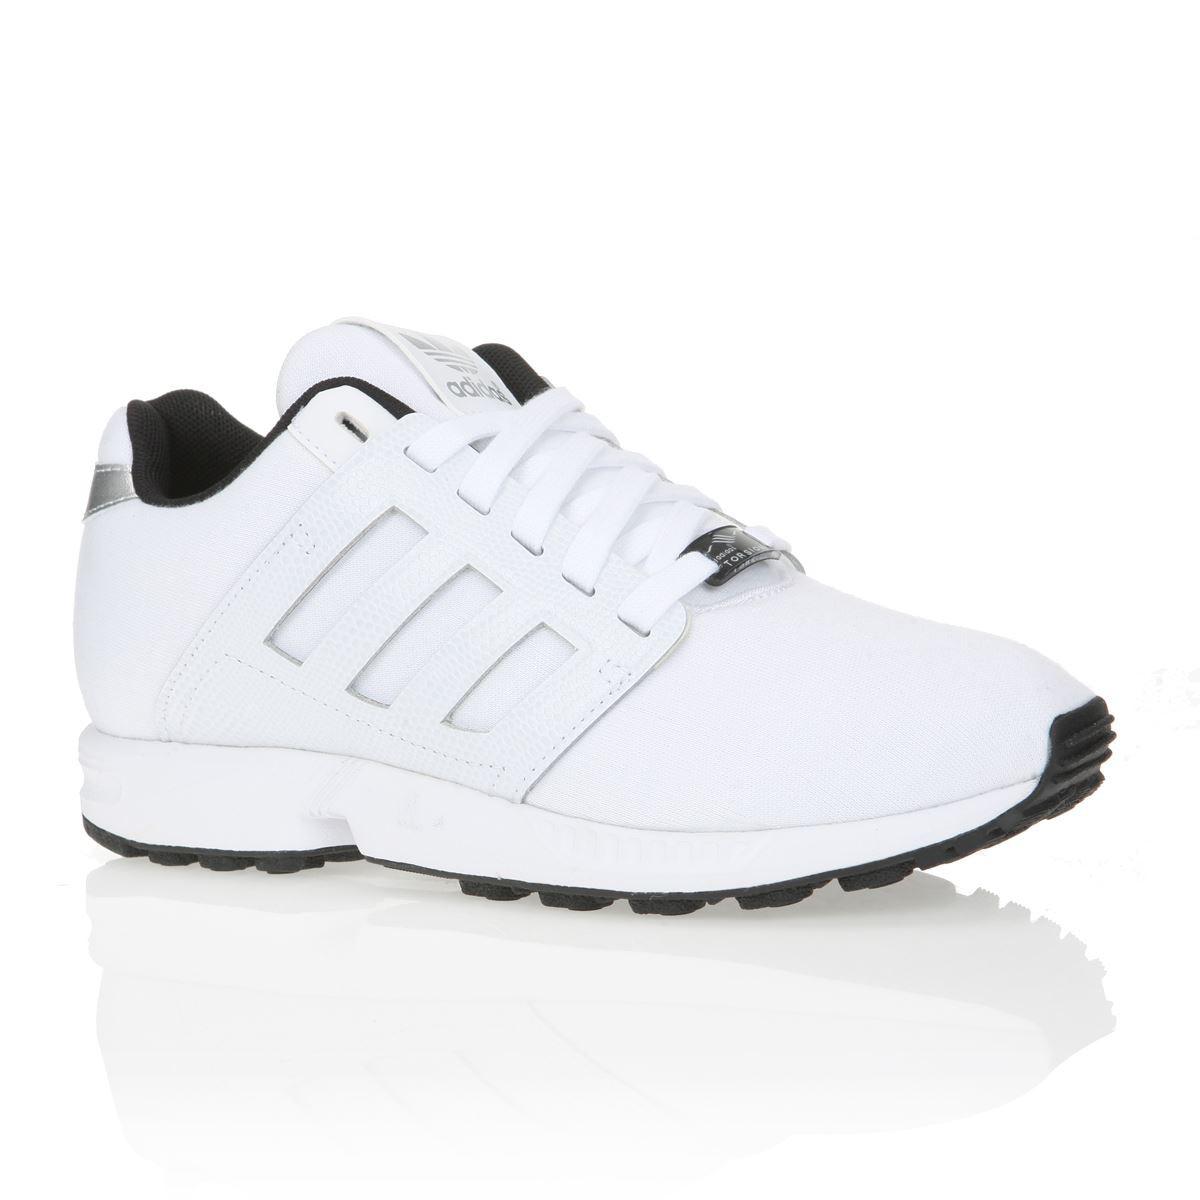 adidas zx flux femmes blanche